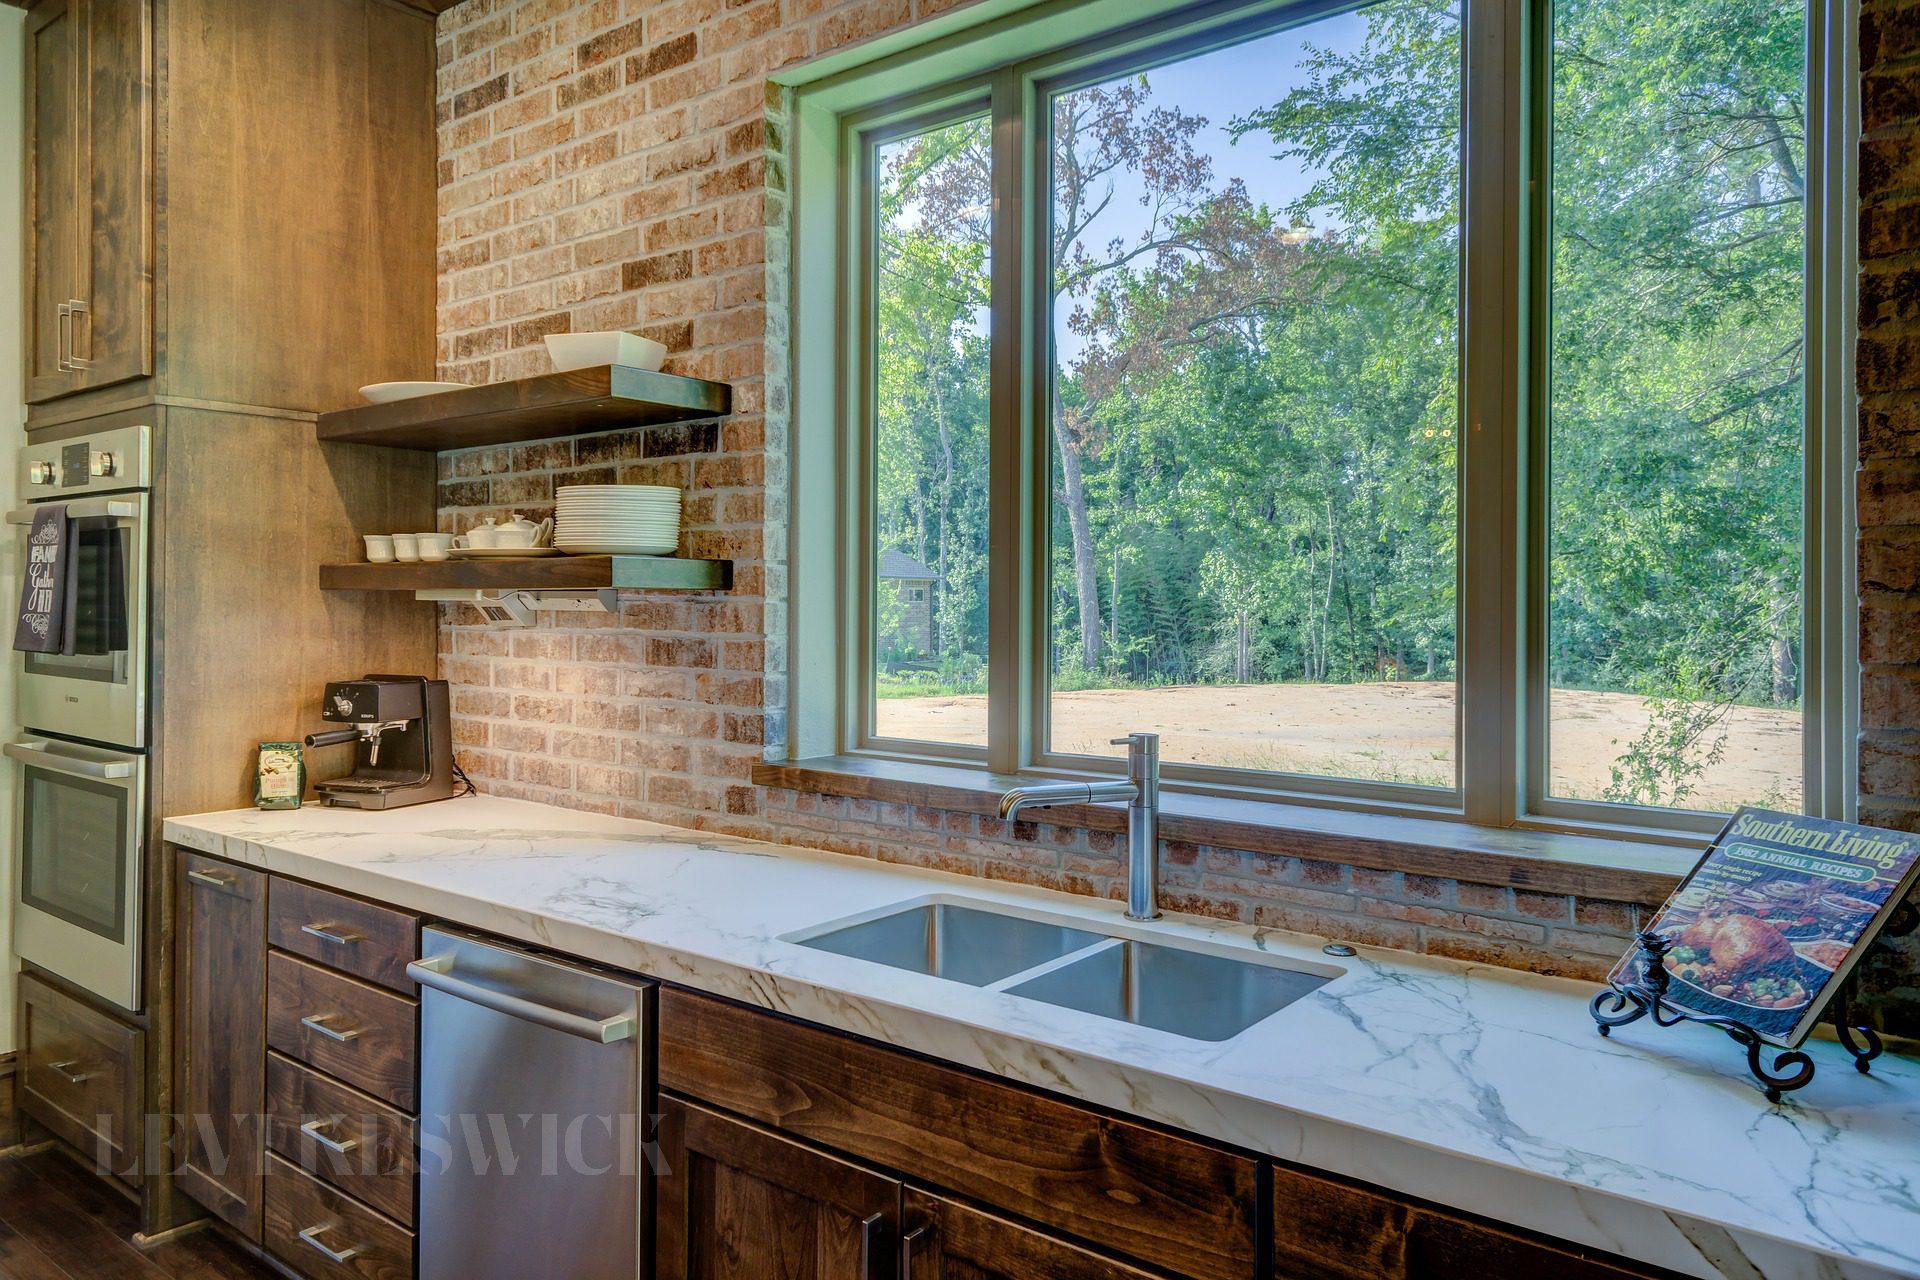 Luxury Kitchen Sink Brands At Their Best Levi Keswick